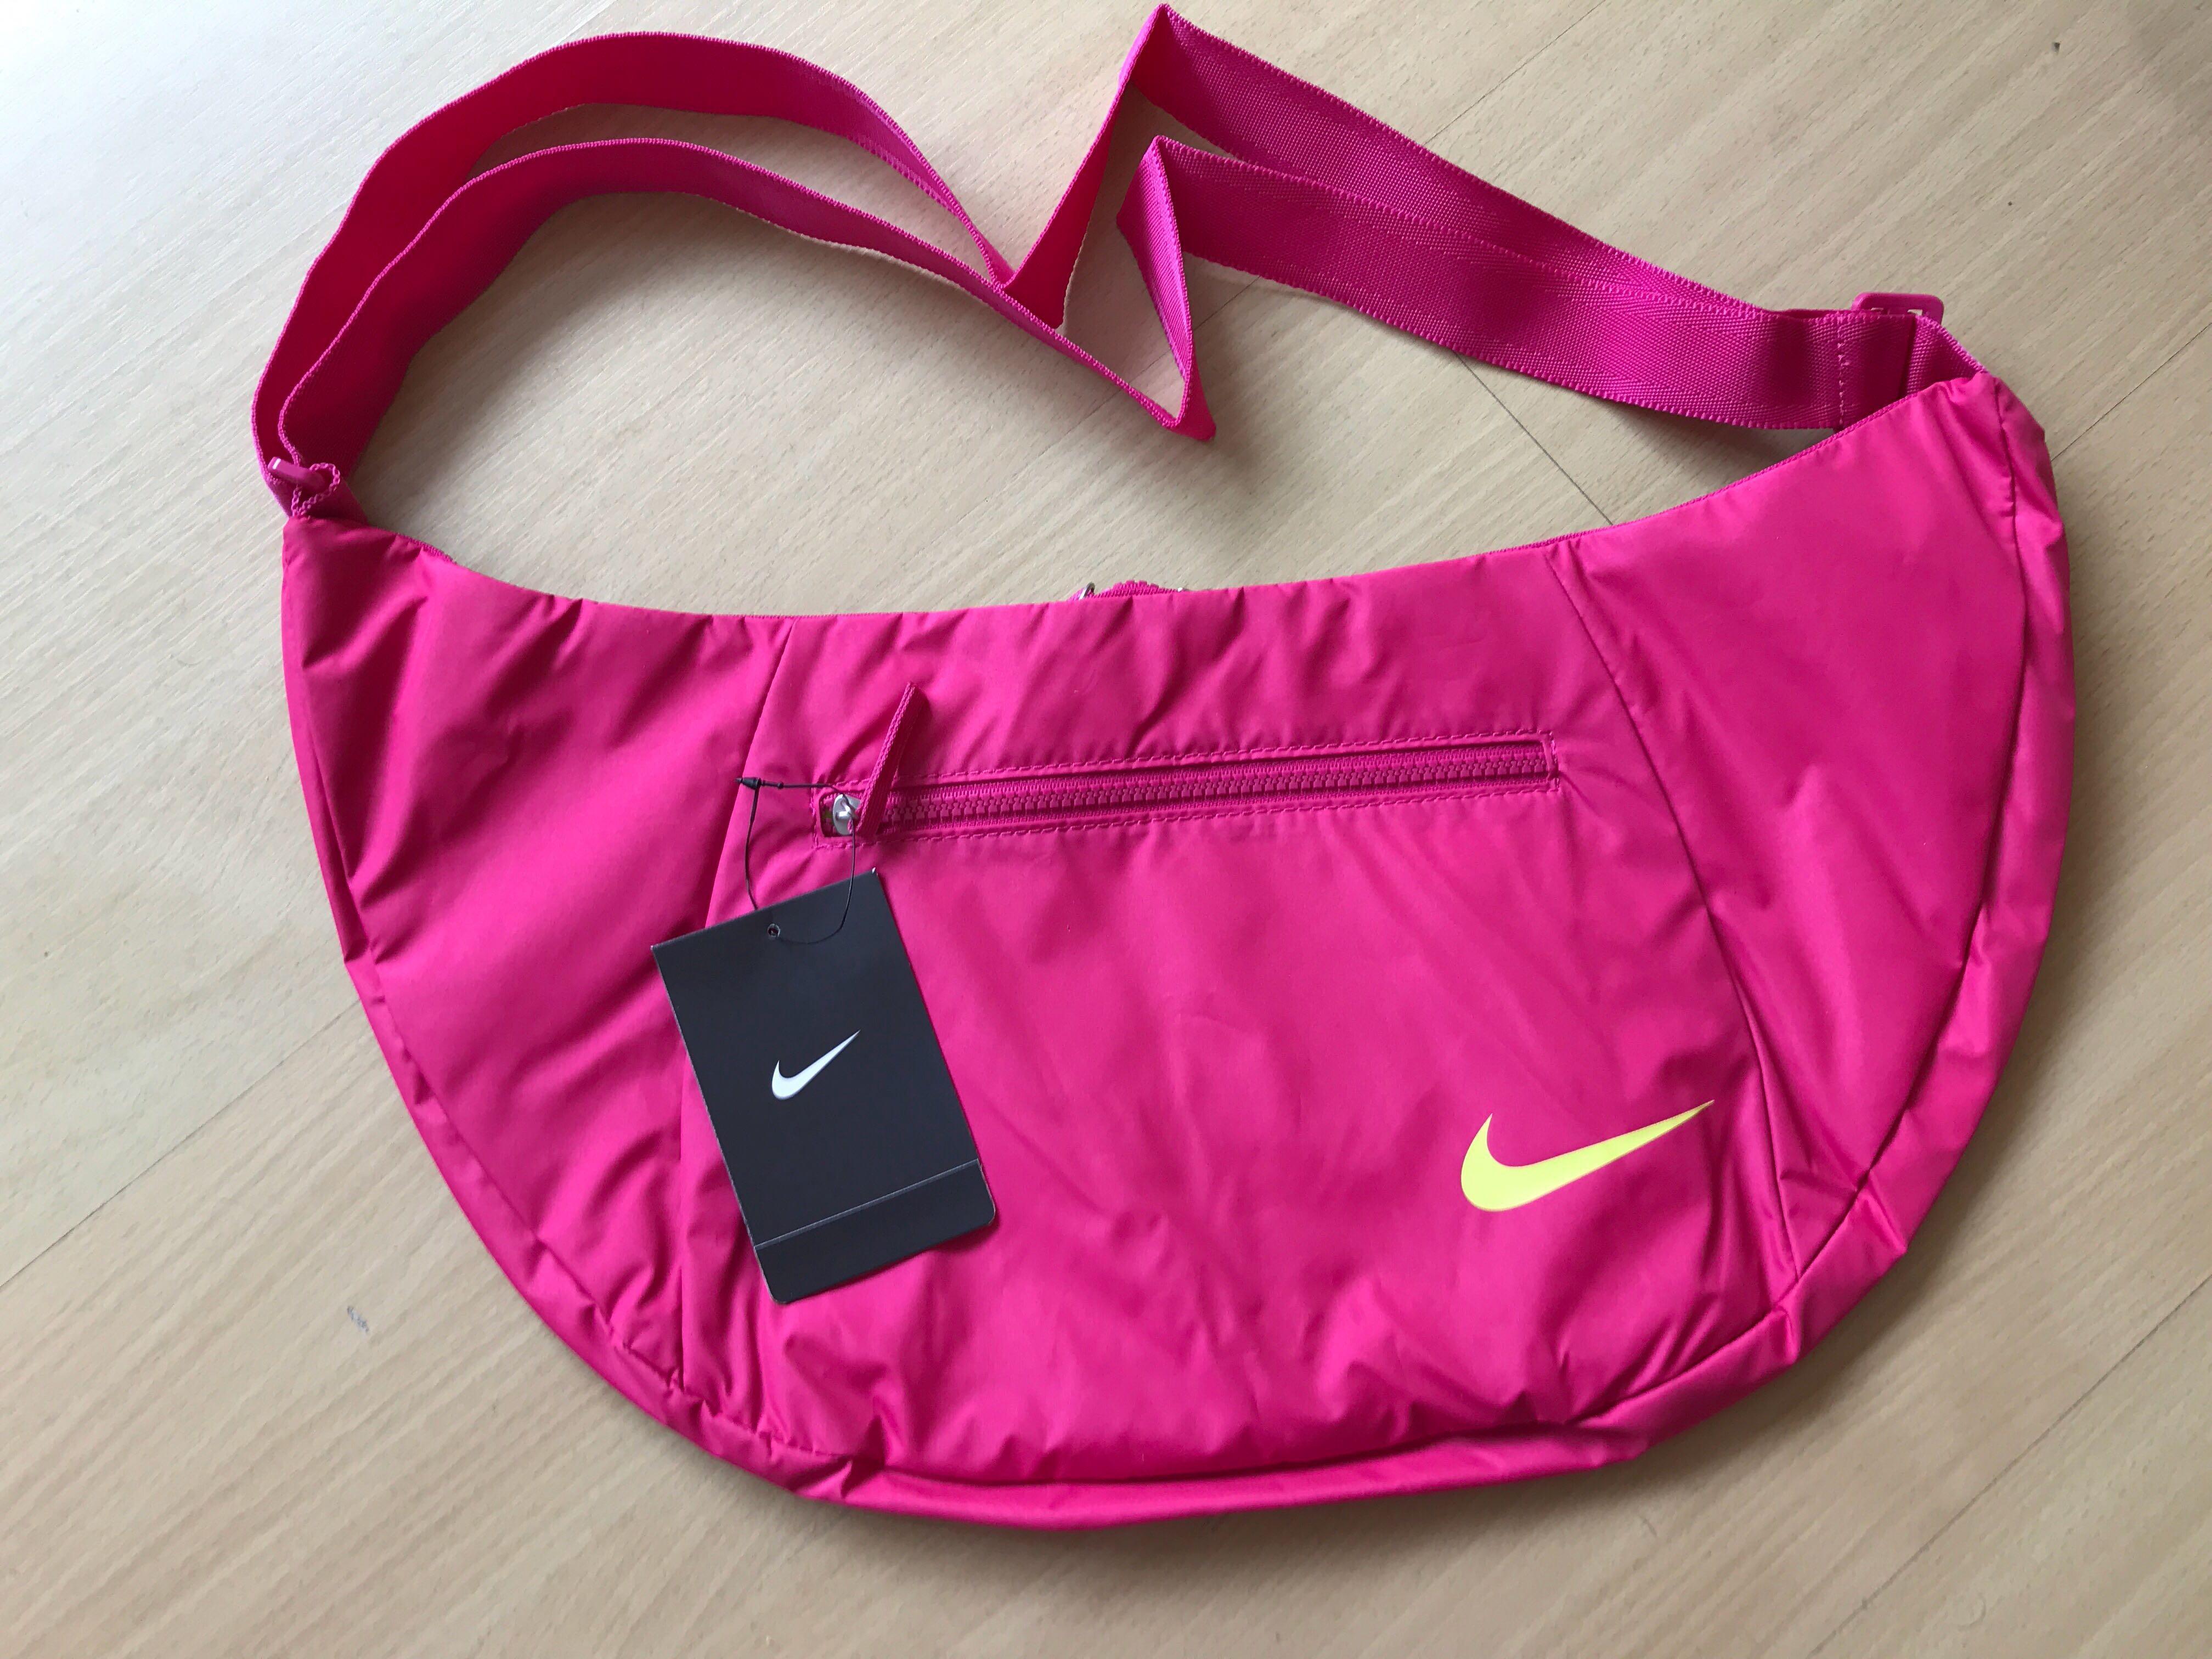 nike sling bag pink